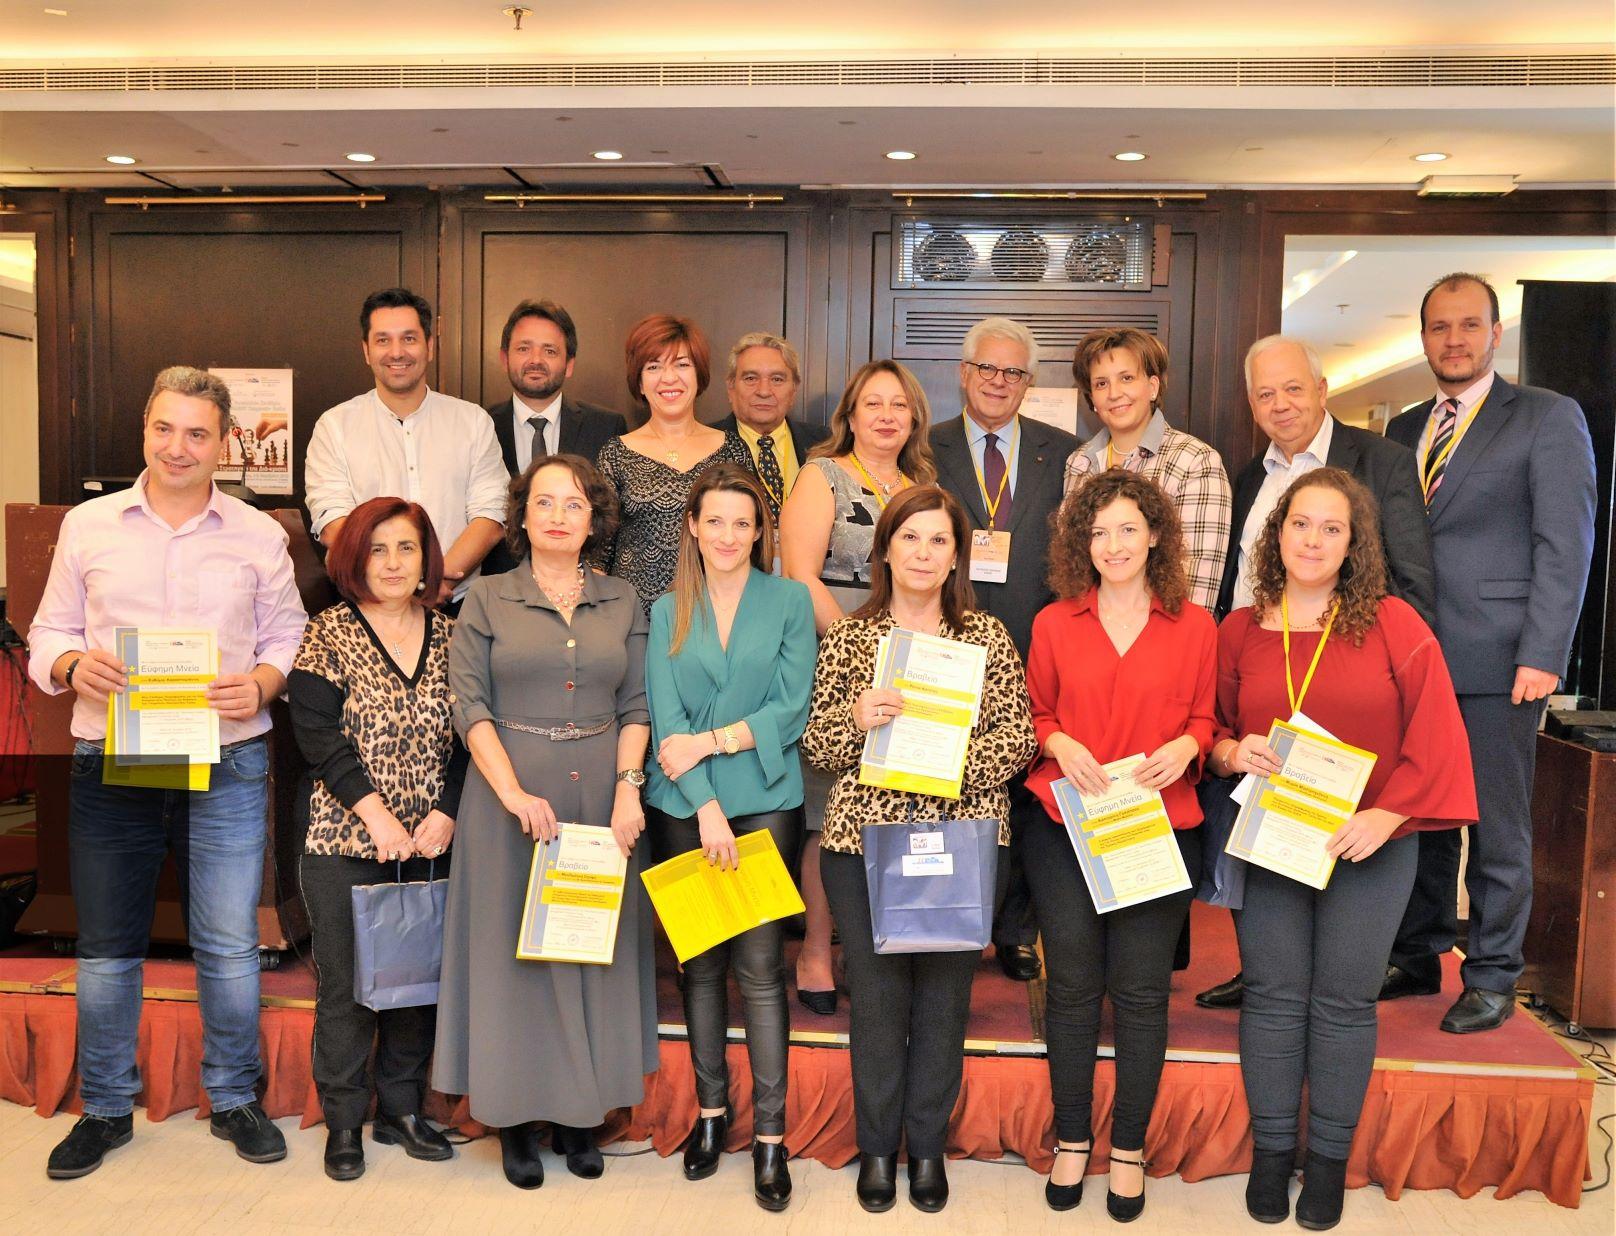 Εκλεγμένο μέλος ΔΣ της Ελληνικής Εταιρείας Μάνατζμεντ Υπηρεσιών Υγείας